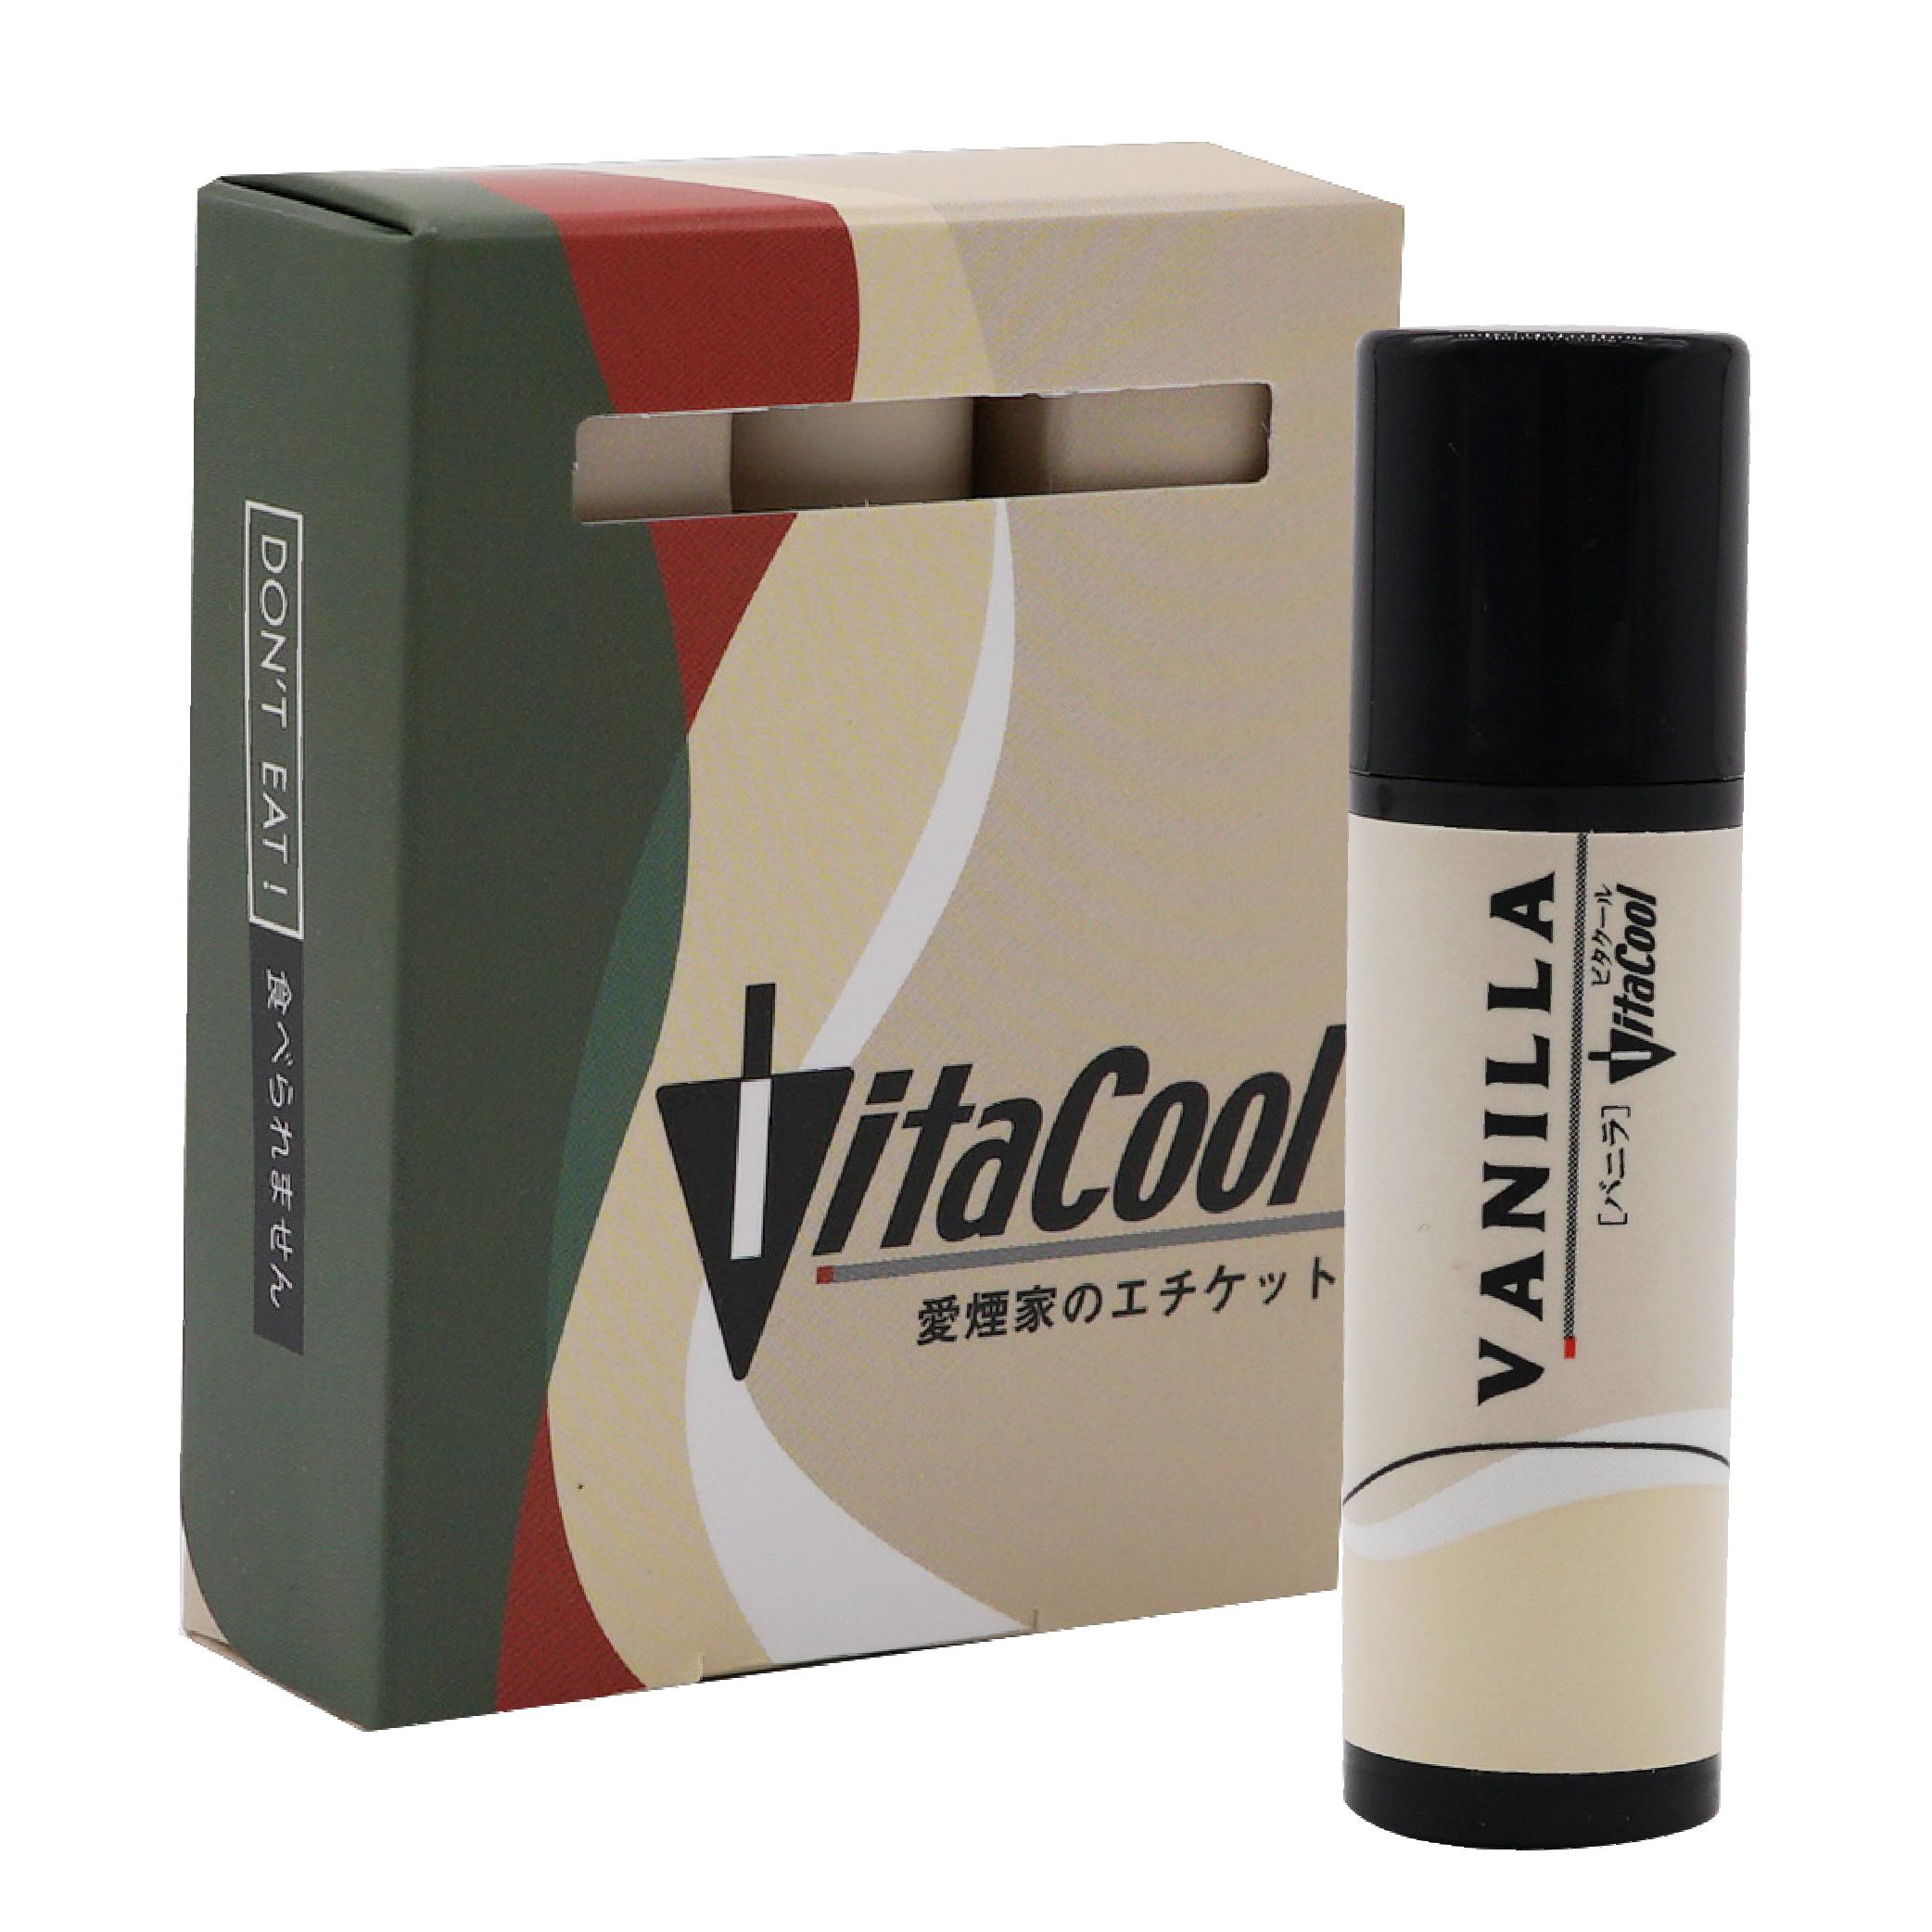 ビタクール バニラ 5g単品 (vitacool Vanilla 5g Separately)の仕入れ、卸し問屋ならミュー株式会社